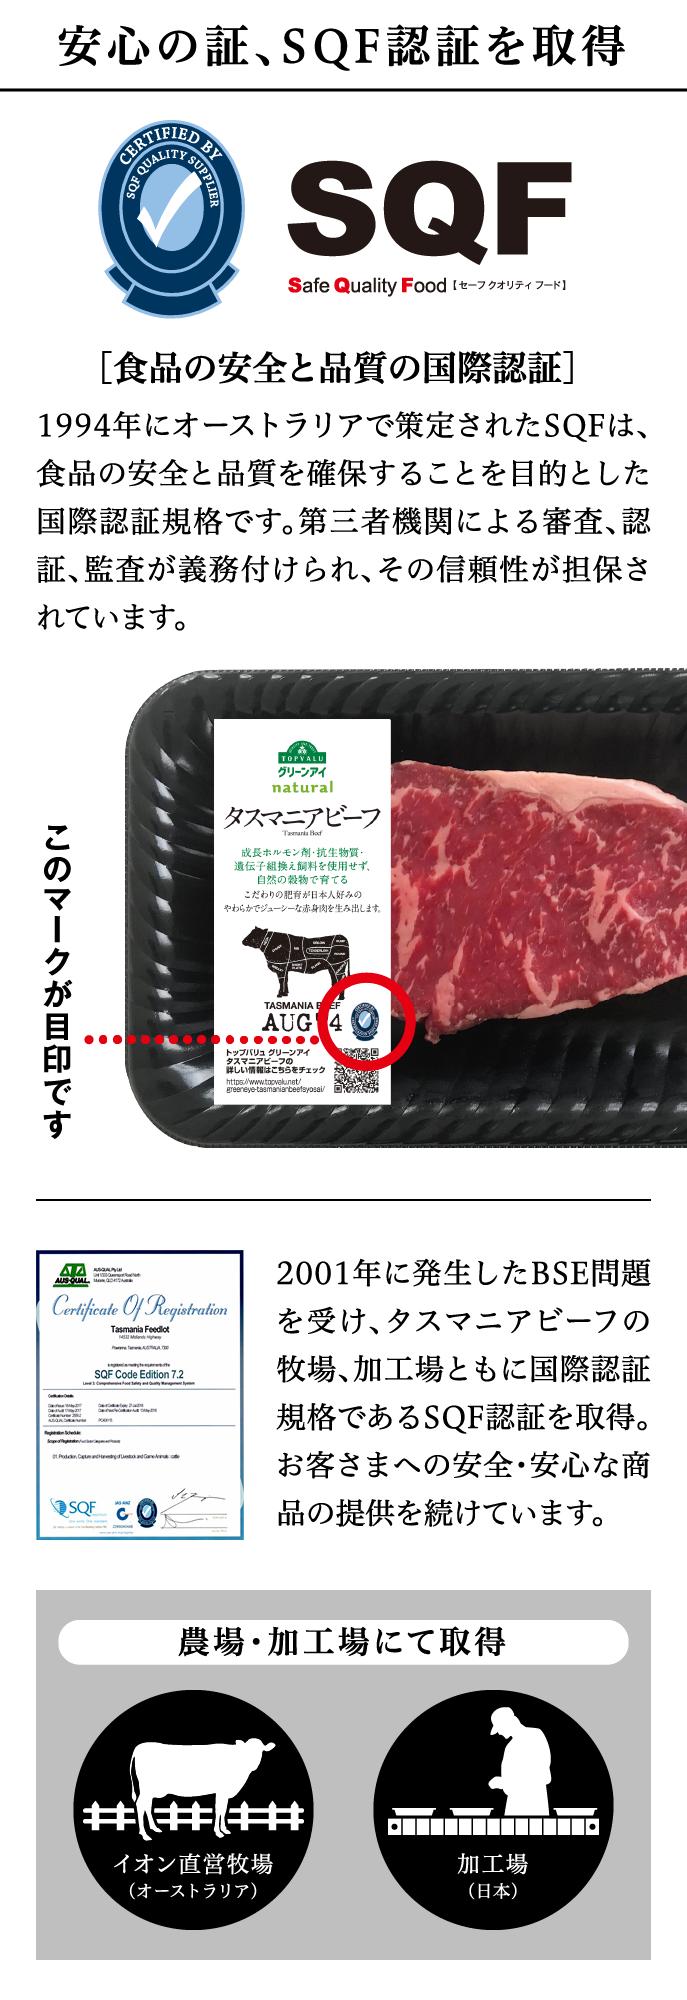 安心の証、SQF認証を取得 SQF Safe Quality Food【 セーフ クオリティ フード 】[食品の安全と品質の国際認証]1994年にオーストラリアで策定されたSQFは、食品の安全と品質を確保することを目的とした国際認証規格です。第三者機関による審査、認証、監査が義務付けられ、その信頼性が担保されています。このマークが目印です2001年に発生したBSE問題を受け、タスマニアビーフの牧場、加工場ともに国際認証規格であるSQF認証を取得。お客さまへの安全・安心な商品の提供を続けています。農場・加工場にて取得イオン直営牧場(オーストラリア)加工場(日本)